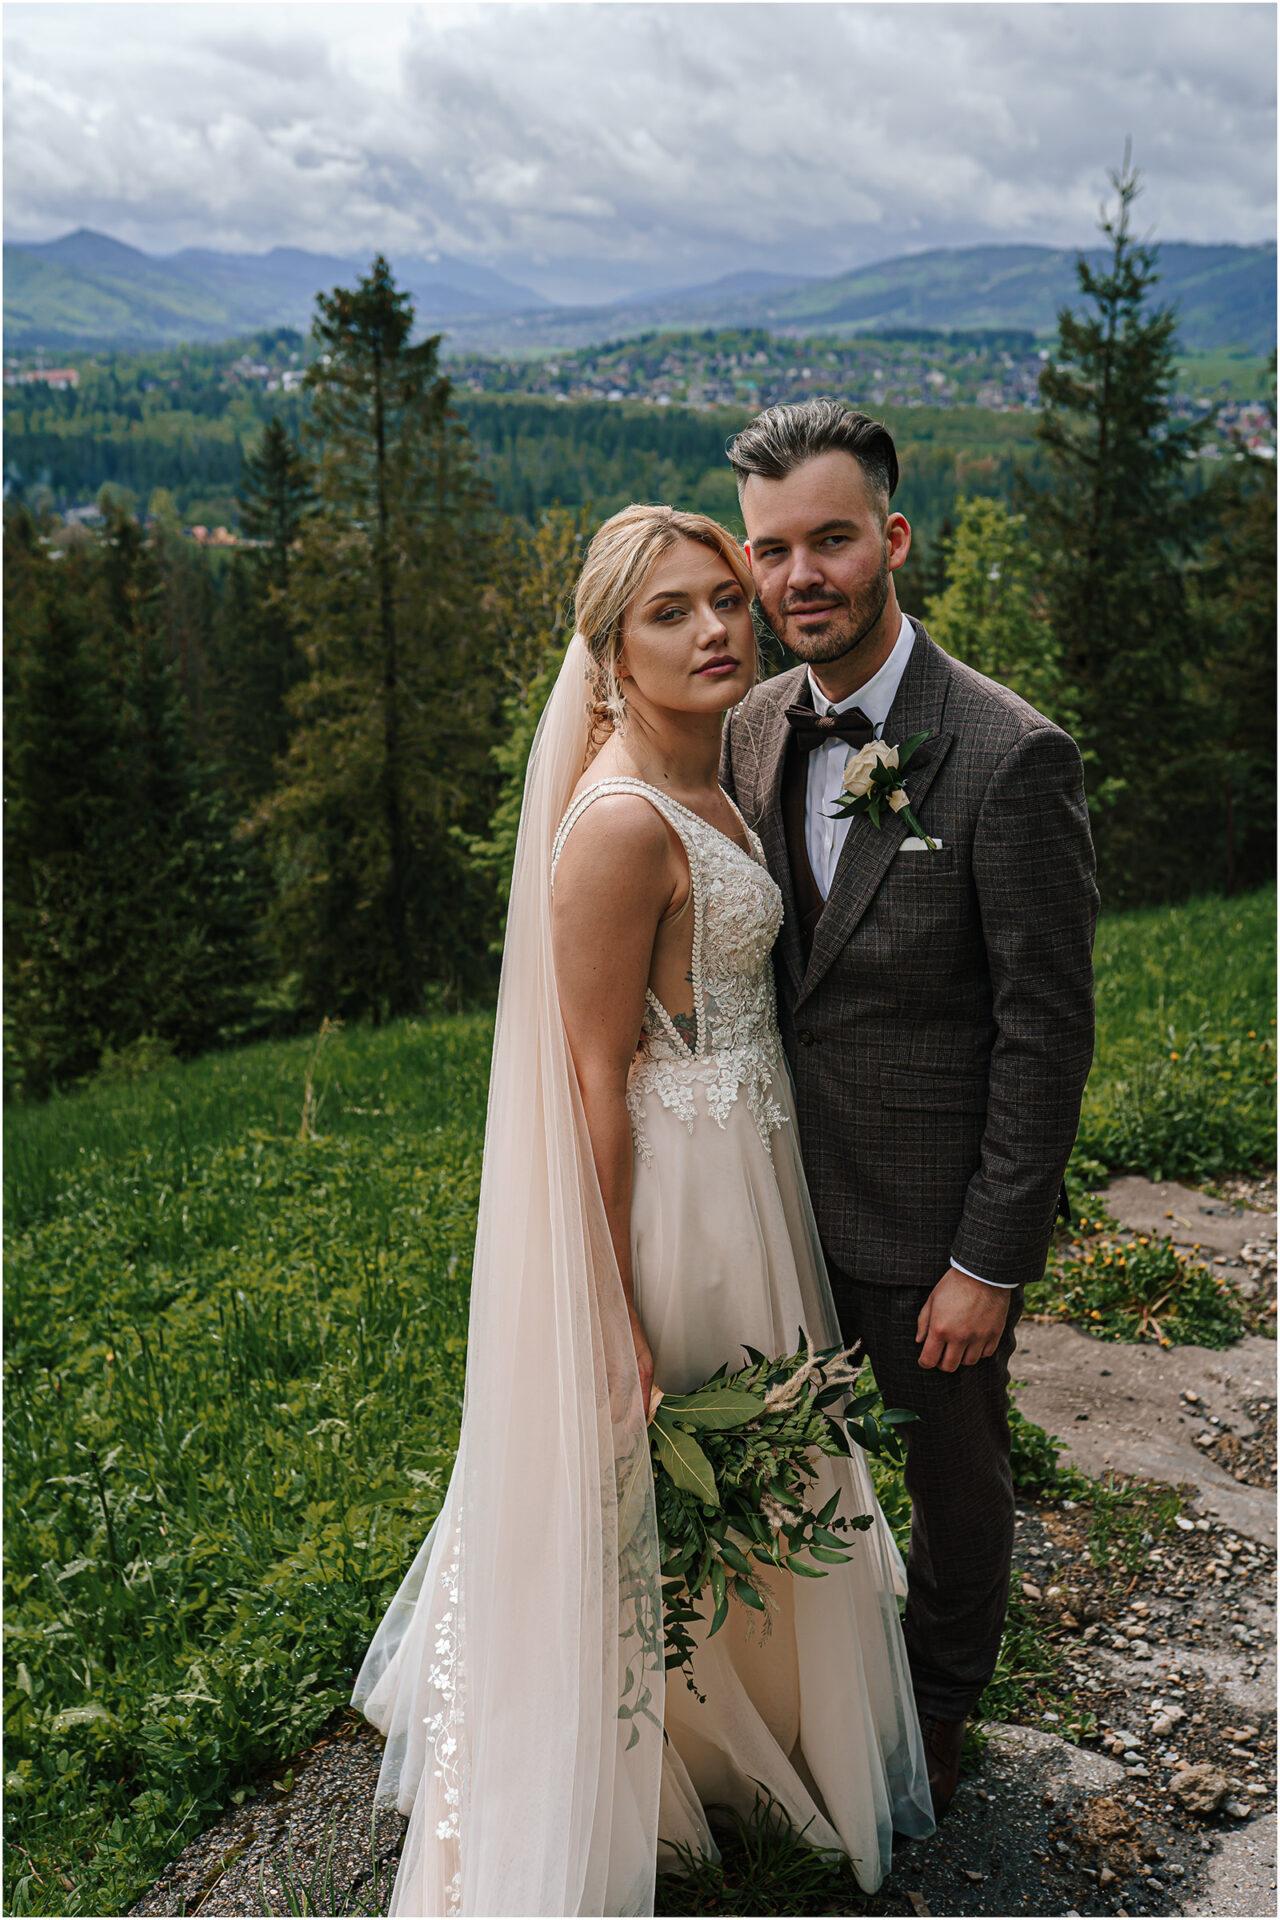 Amanda & Błażej | ślub i sesja w górach 47